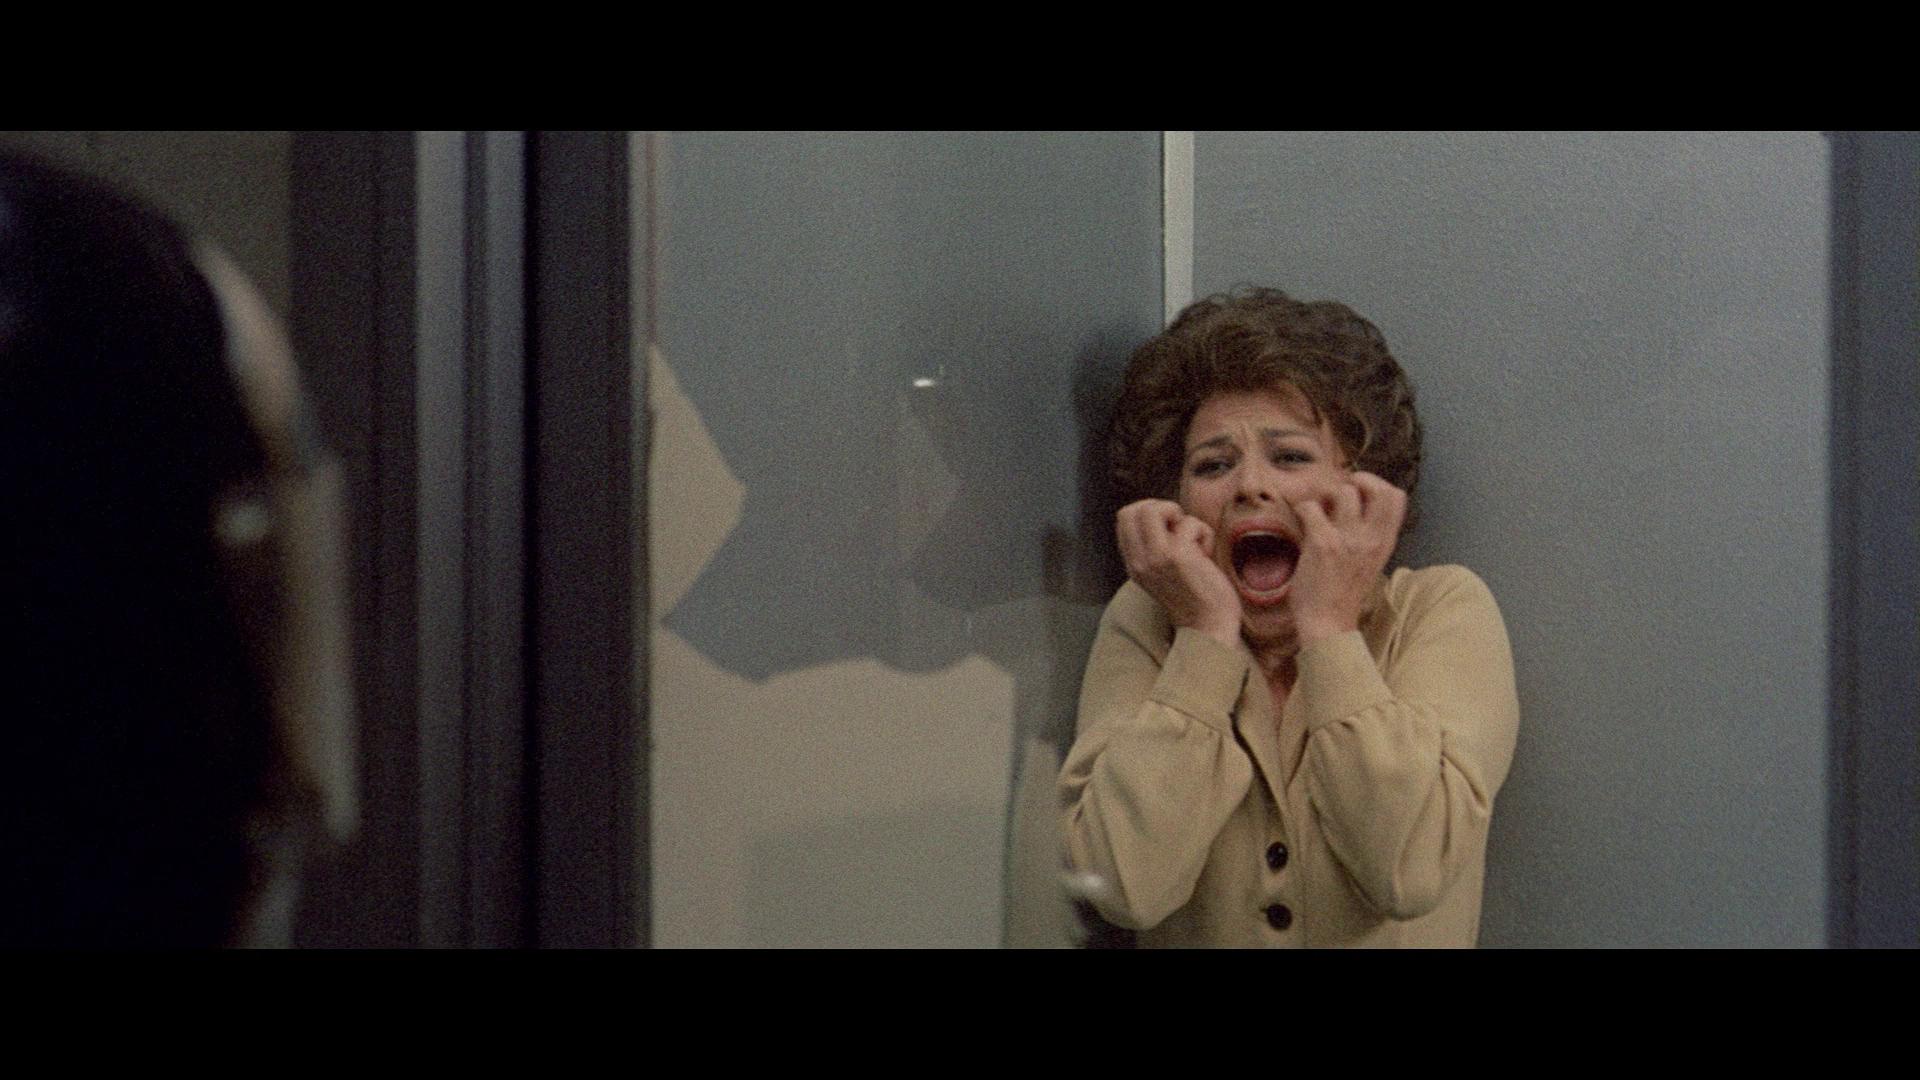 Giovanna Ralli in La polizia chiede aiuto (1974)